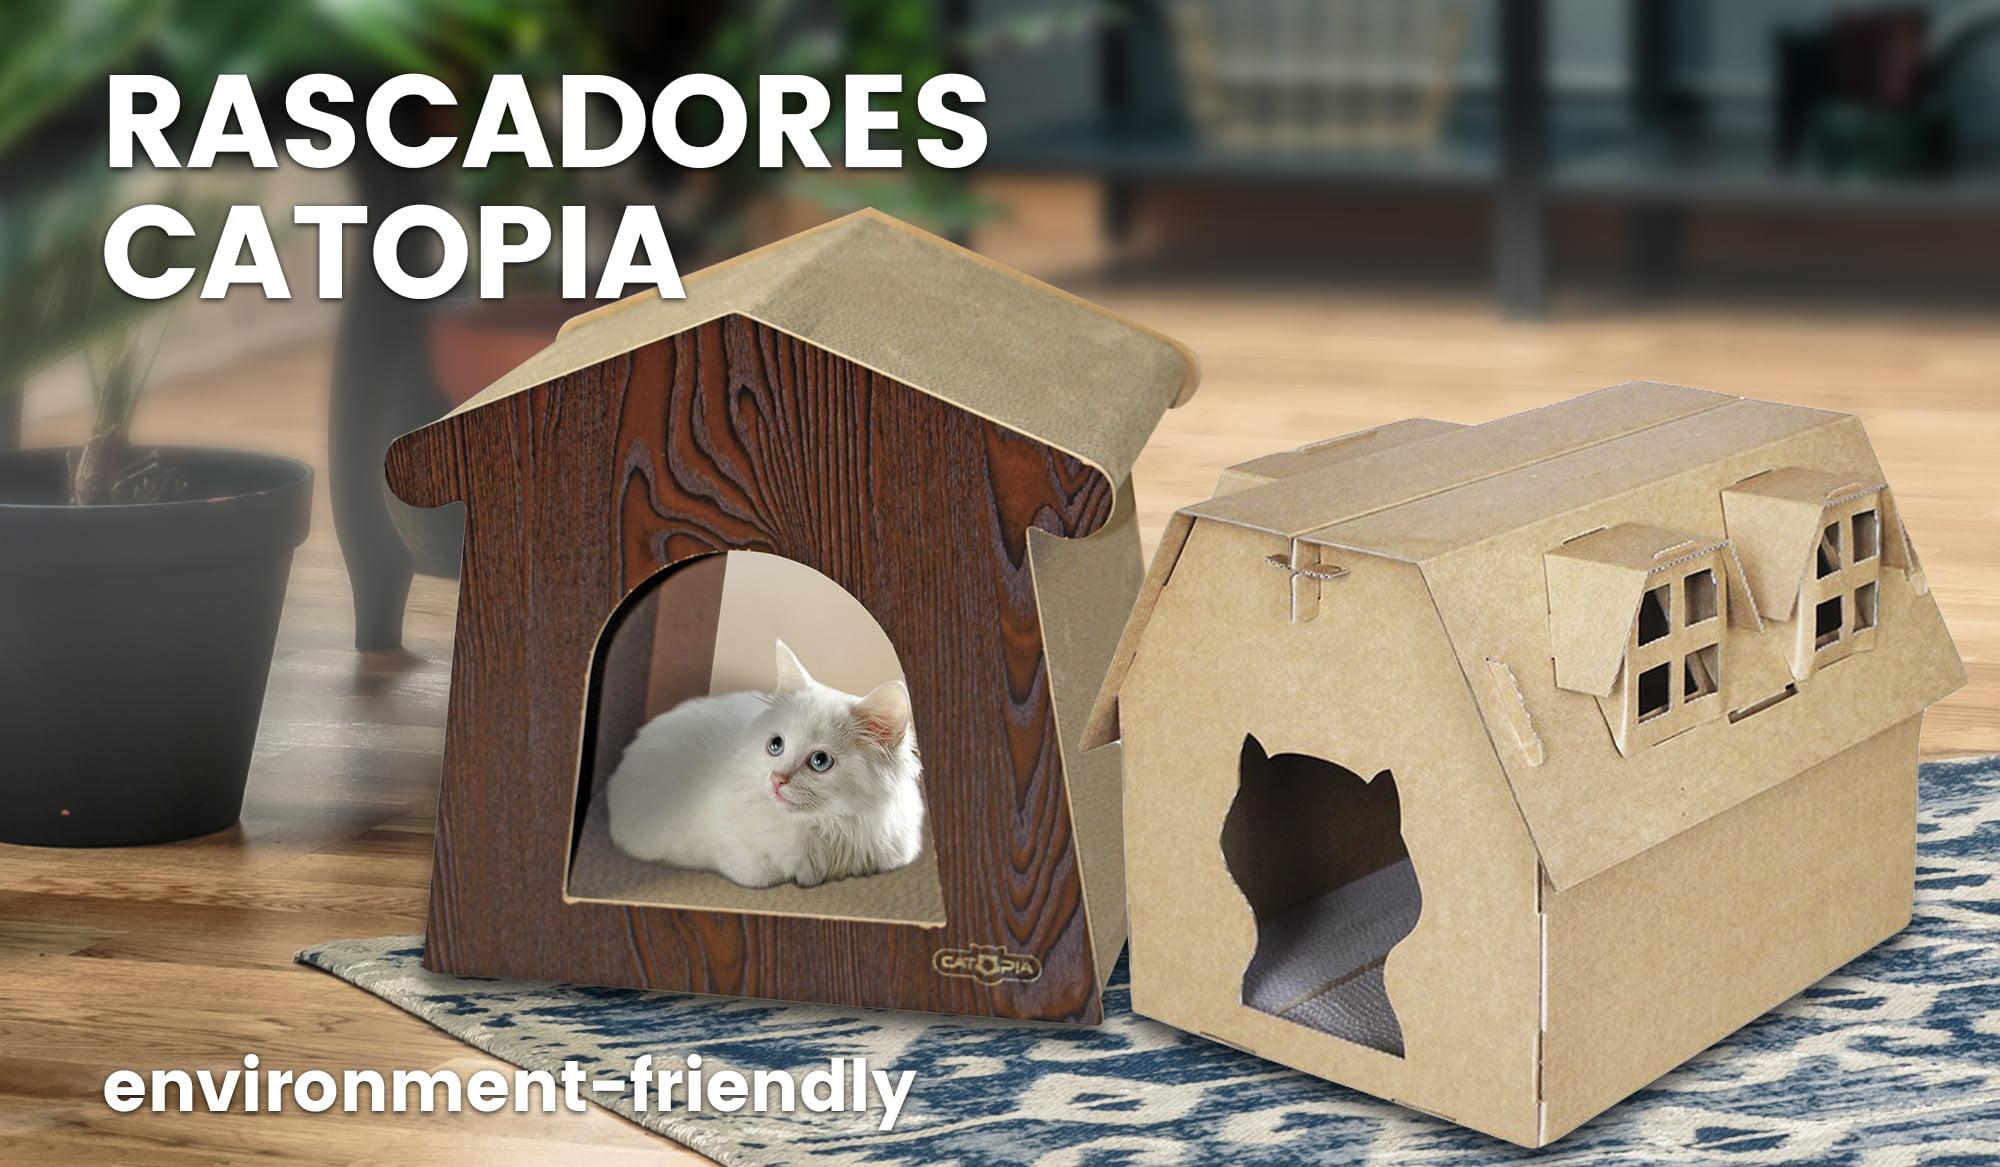 Rascadores de cartón Catopia, respetuosos con el medio ambiente